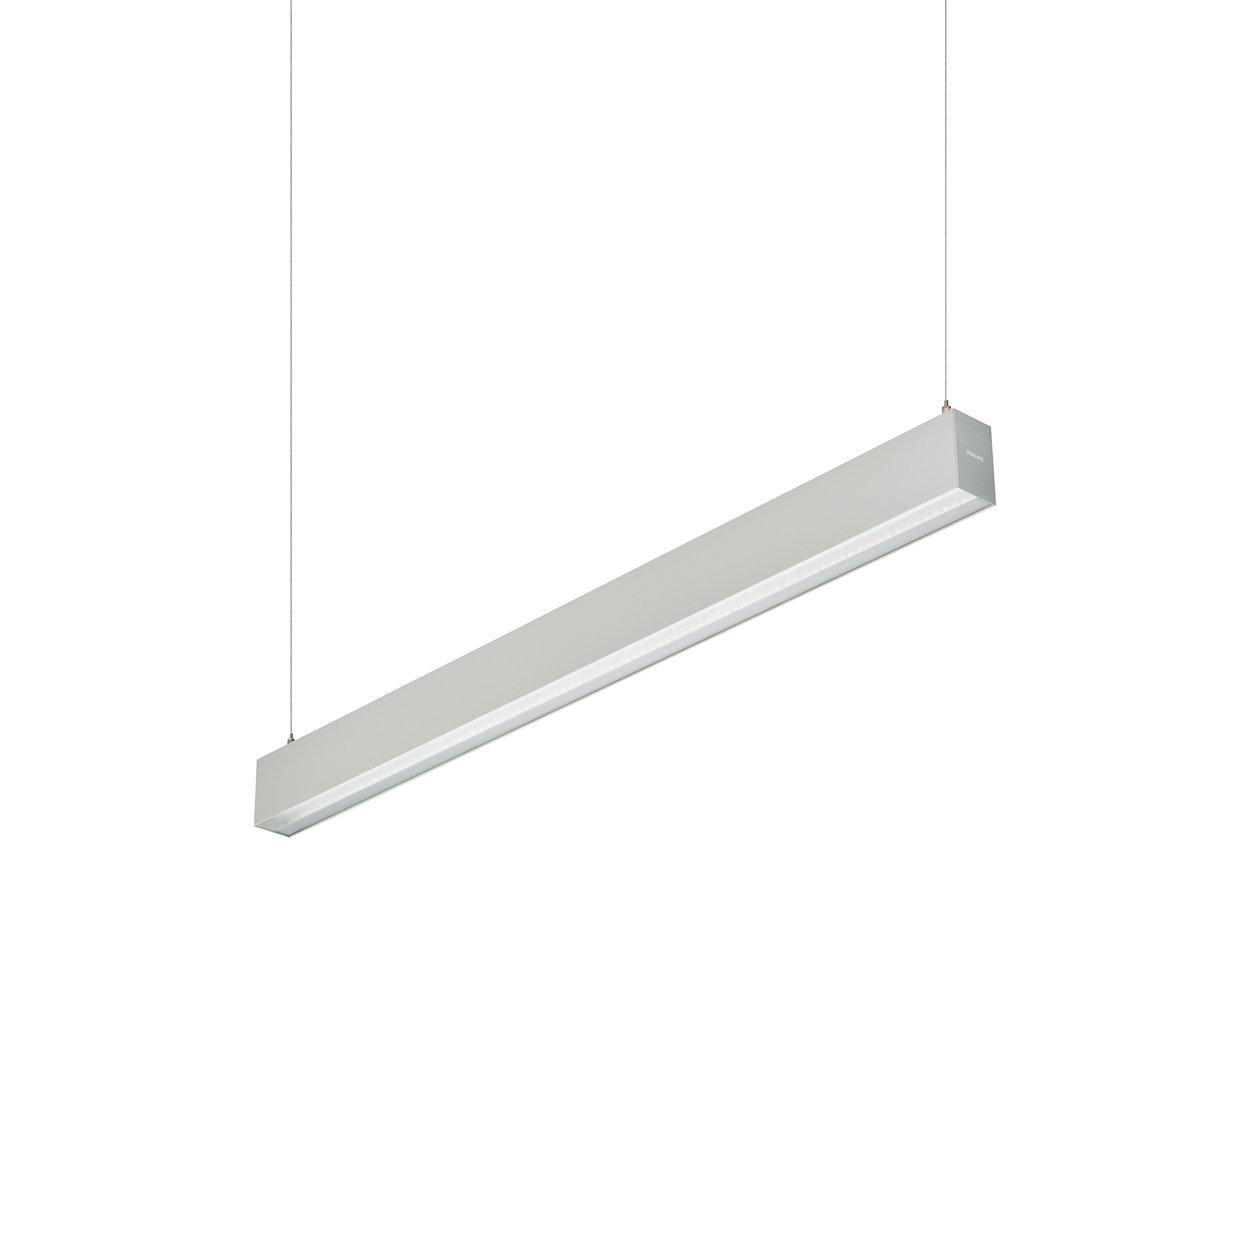 TrueLine, suspendido: una verdadera línea de luz, elegante, de bajo consumo y que cumple con las normas de iluminación de oficinas